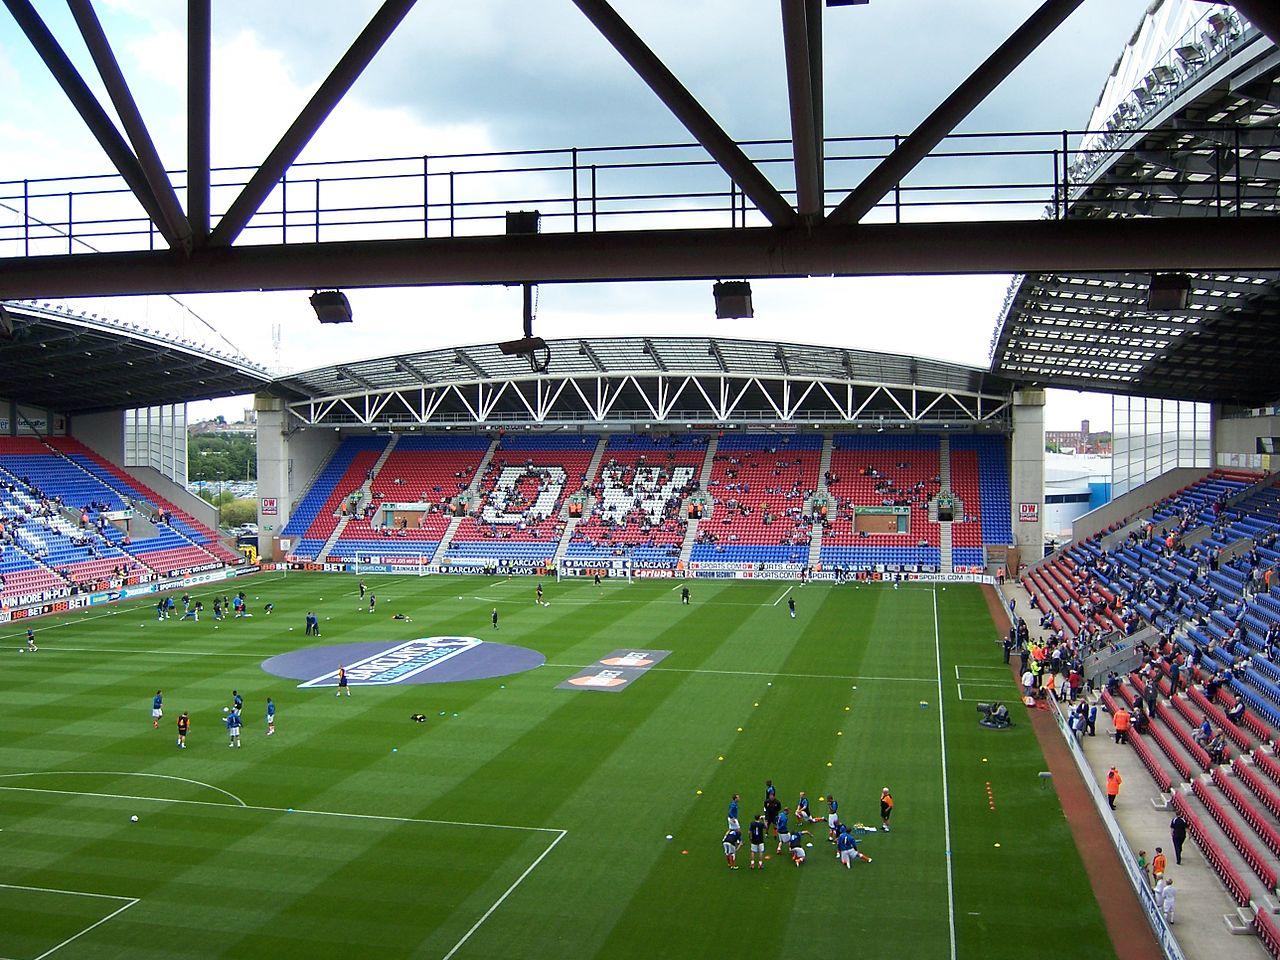 Wigan Athletic stadium